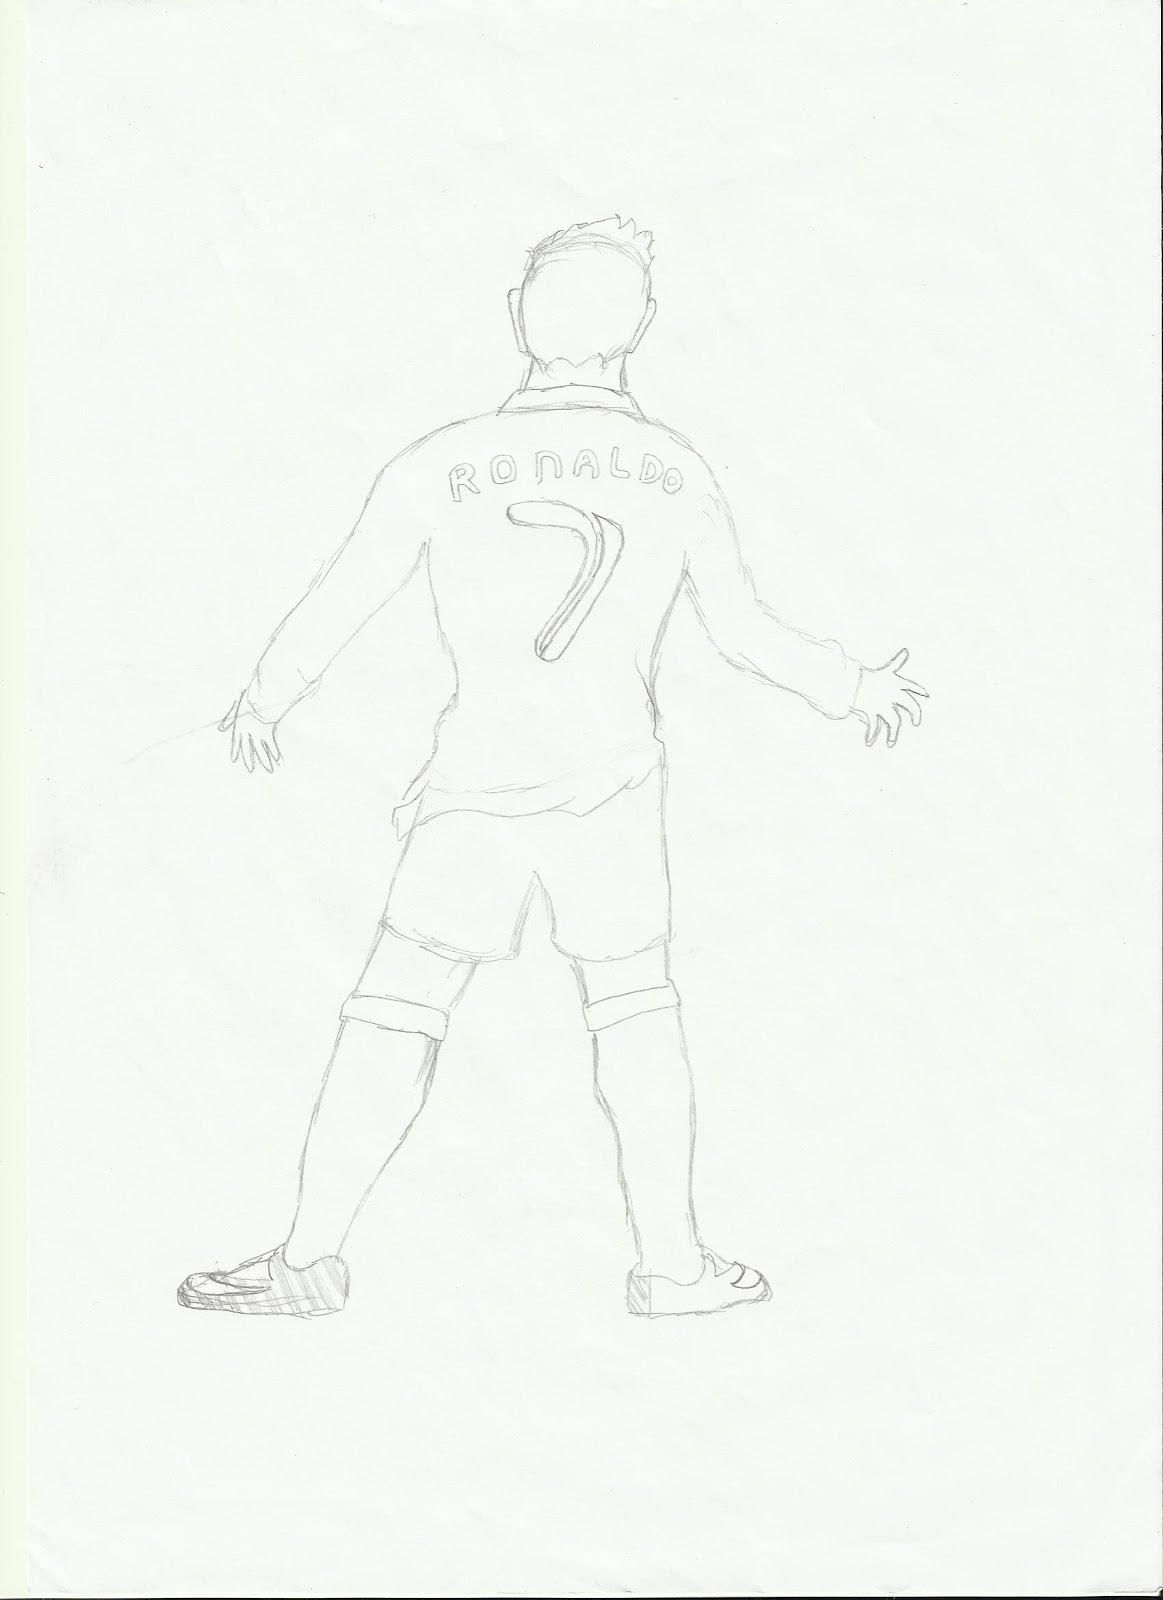 http://3.bp.blogspot.com/-EPauWTtaDHY/UE6GjnAwV3I/AAAAAAAAAJQ/6s8ErYF-2Xo/s1600/Cristiano+Ronaldo+1.jpg